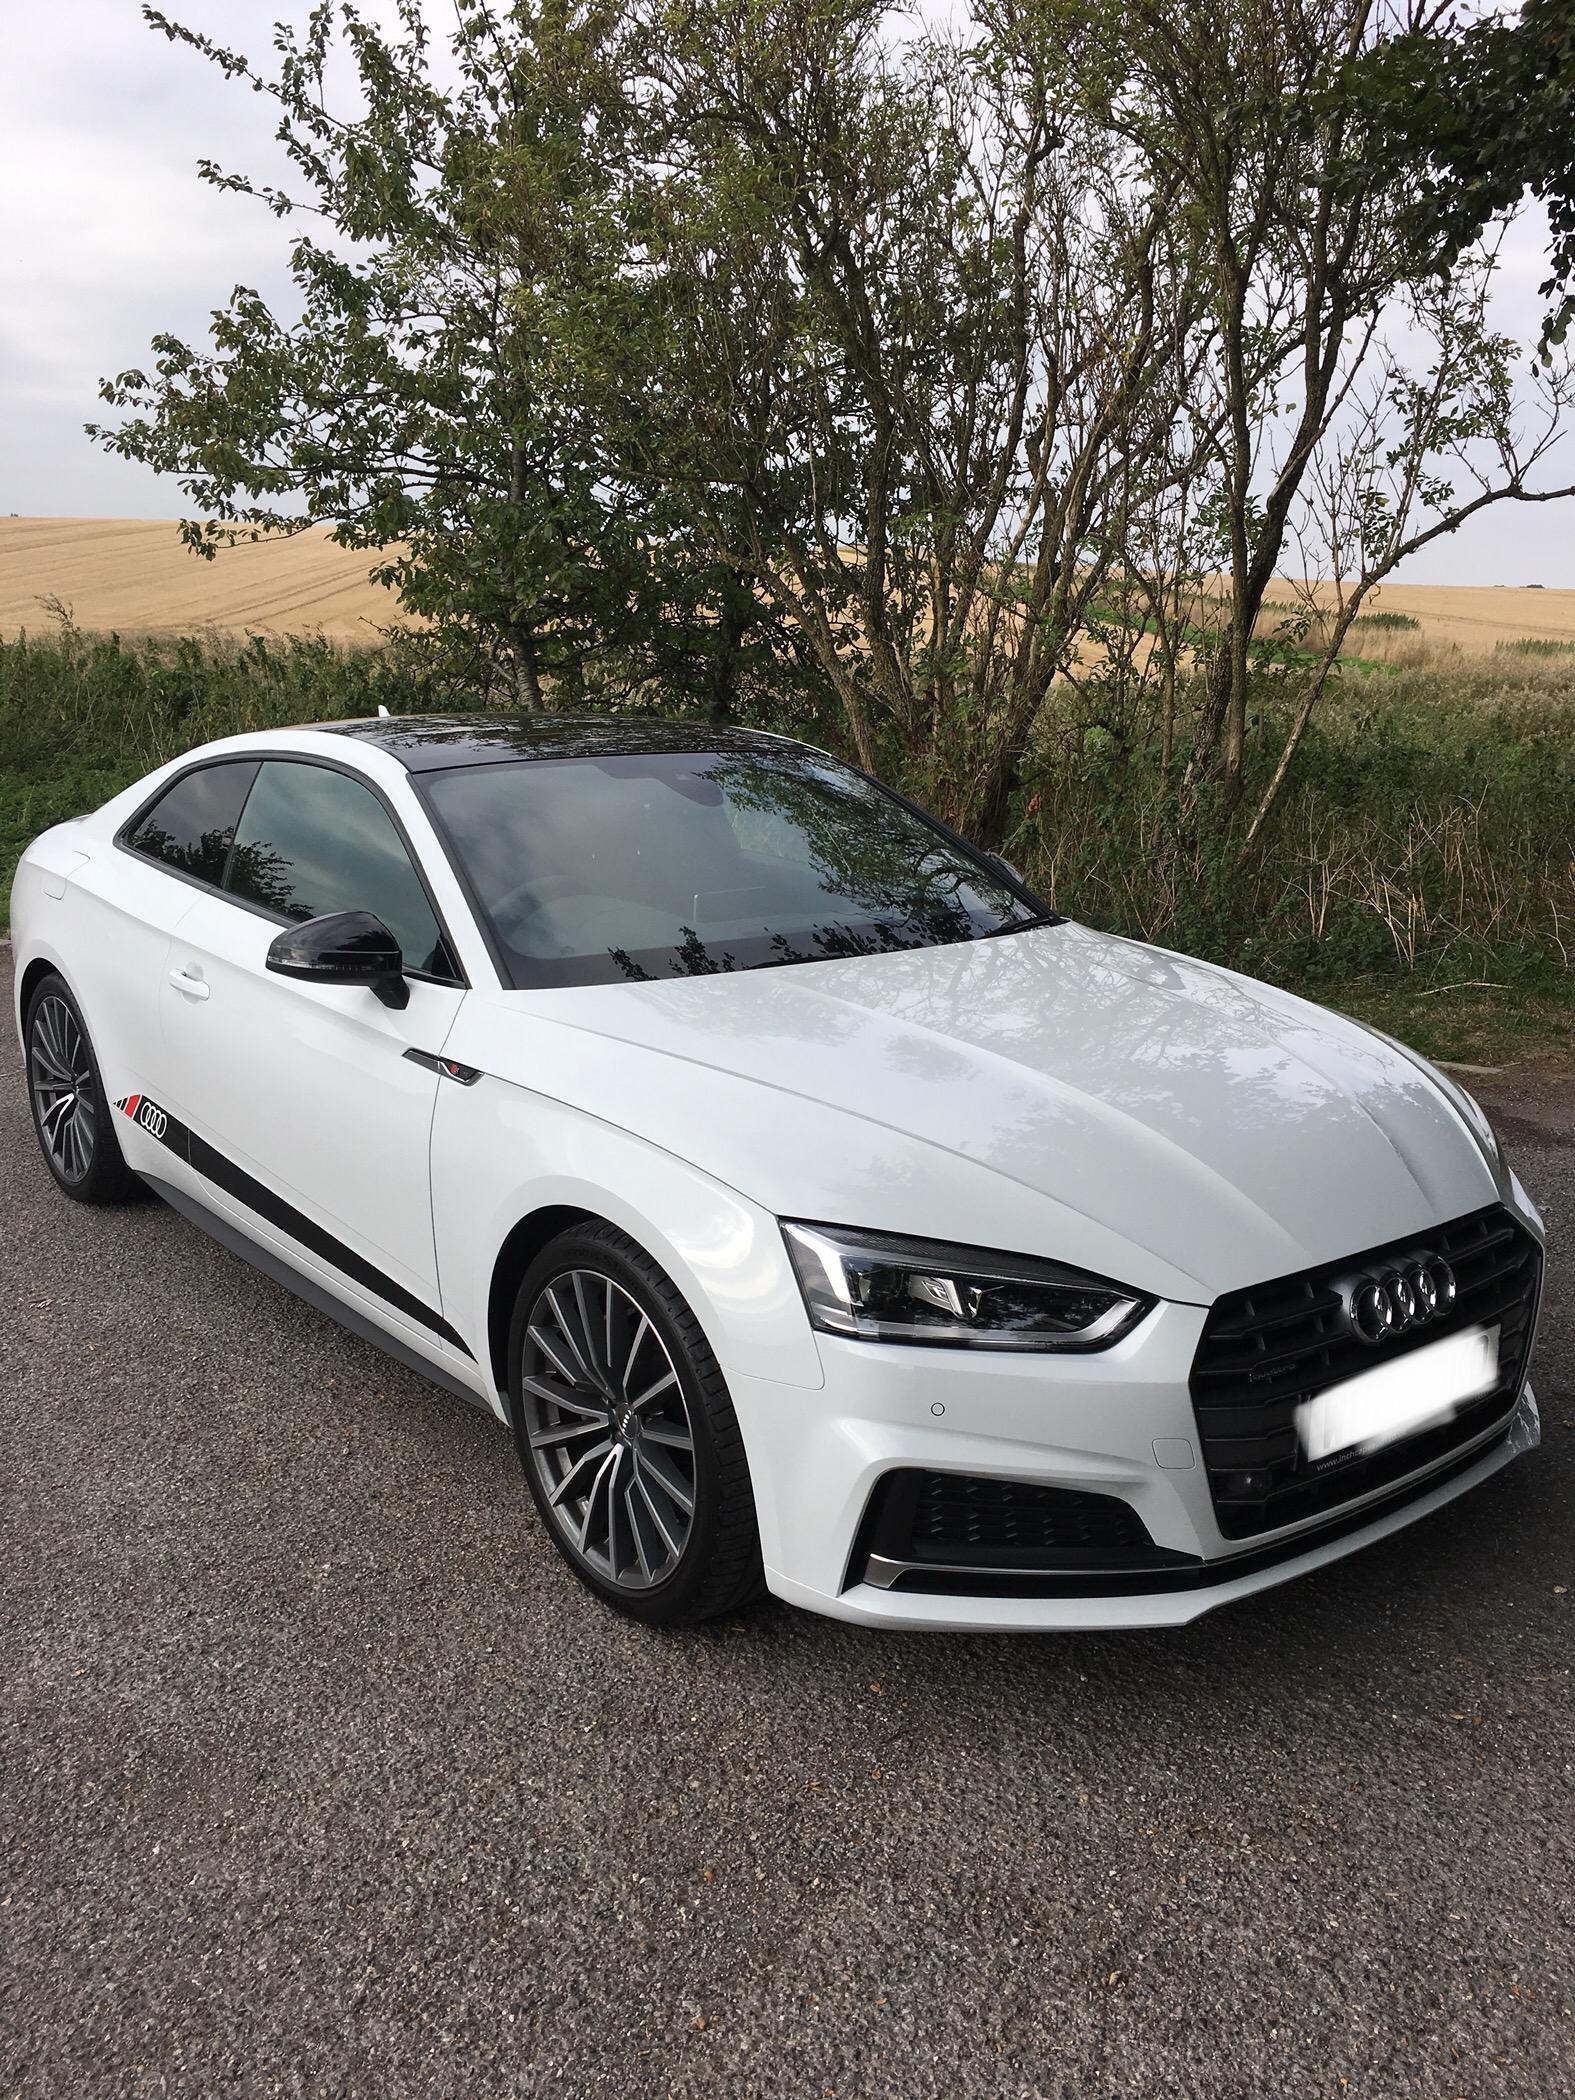 De Chroming The A5 Audi Sport Net